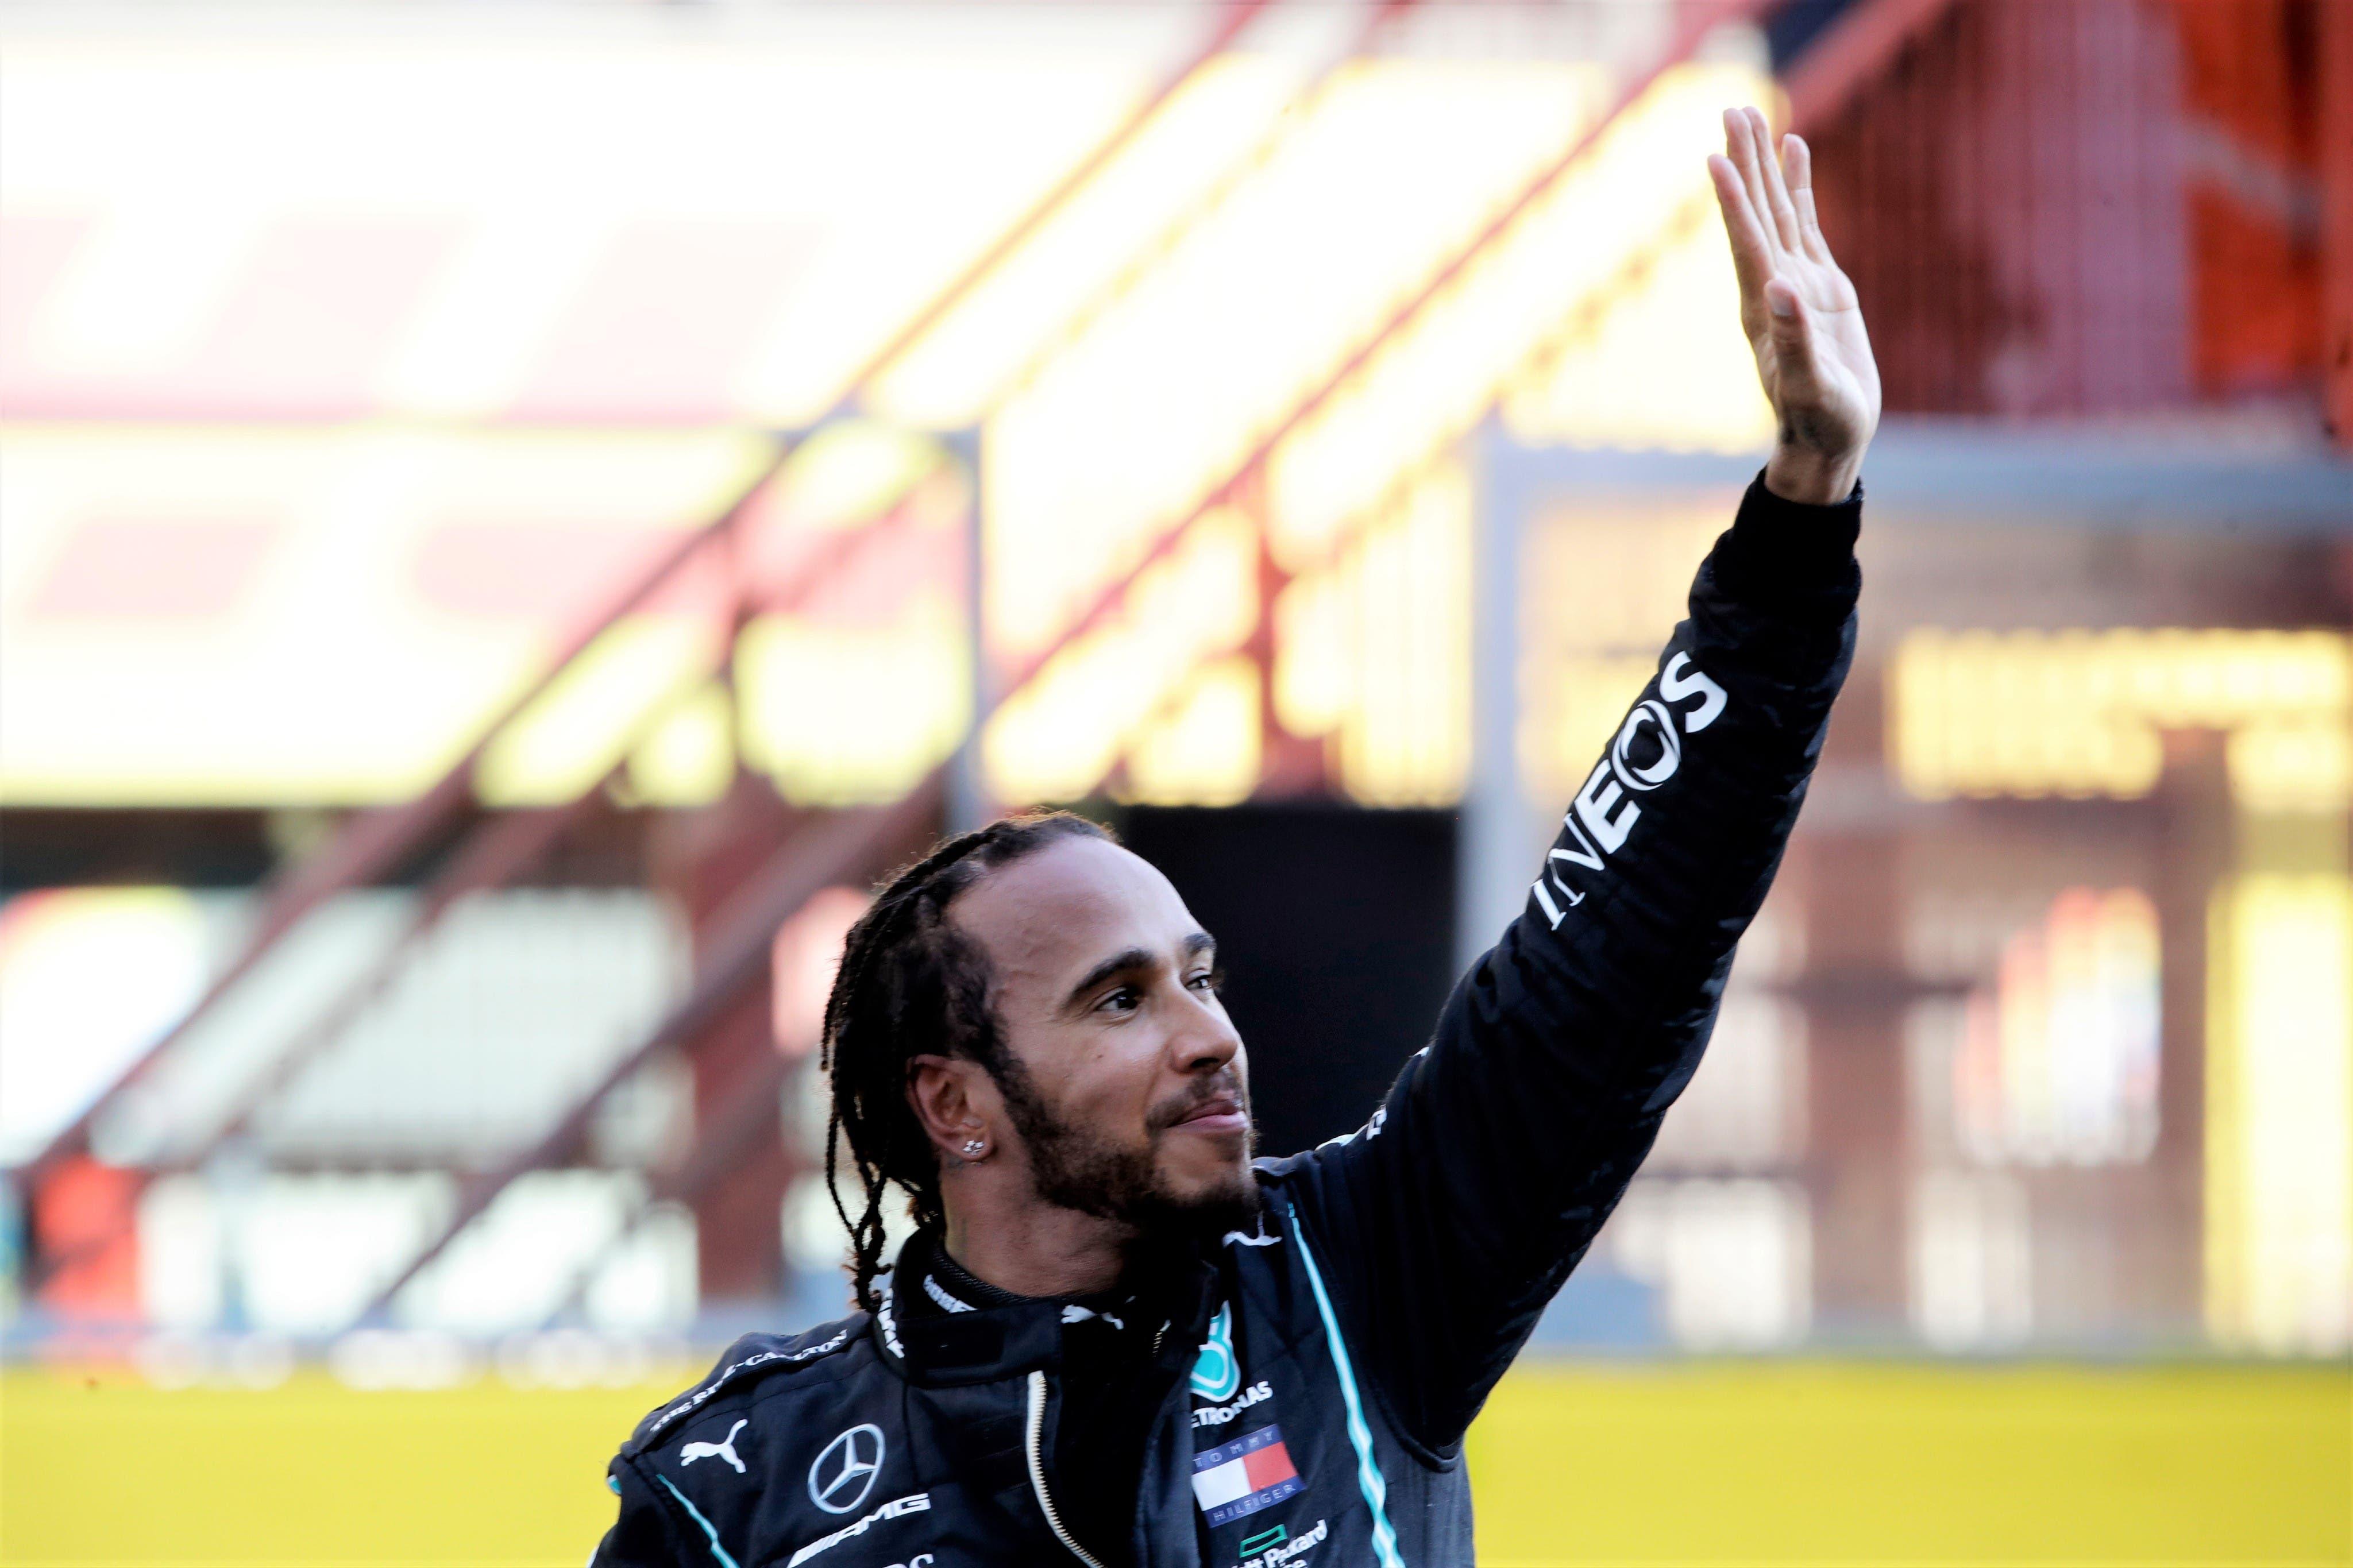 Fórmula 1. Otro récord para Lewis Hamilton y la conexión con Michael Schumacher